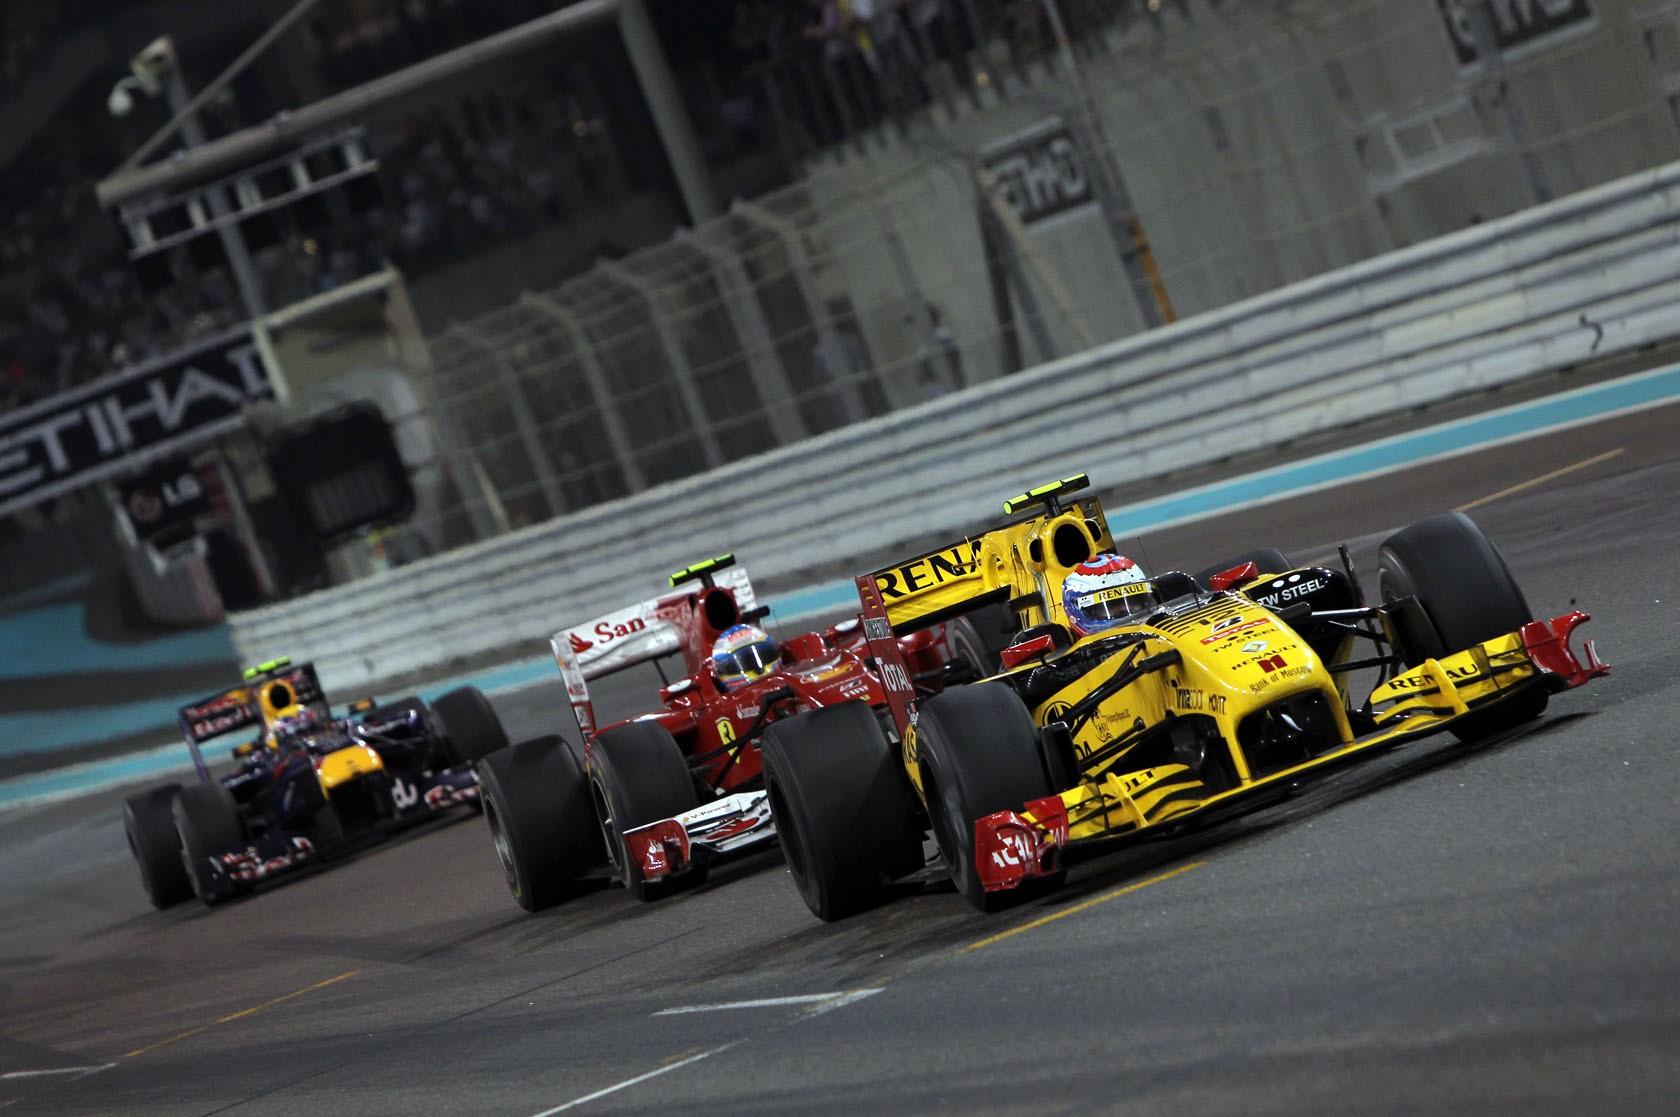 I migliori momenti del GP di Abu Dhabi